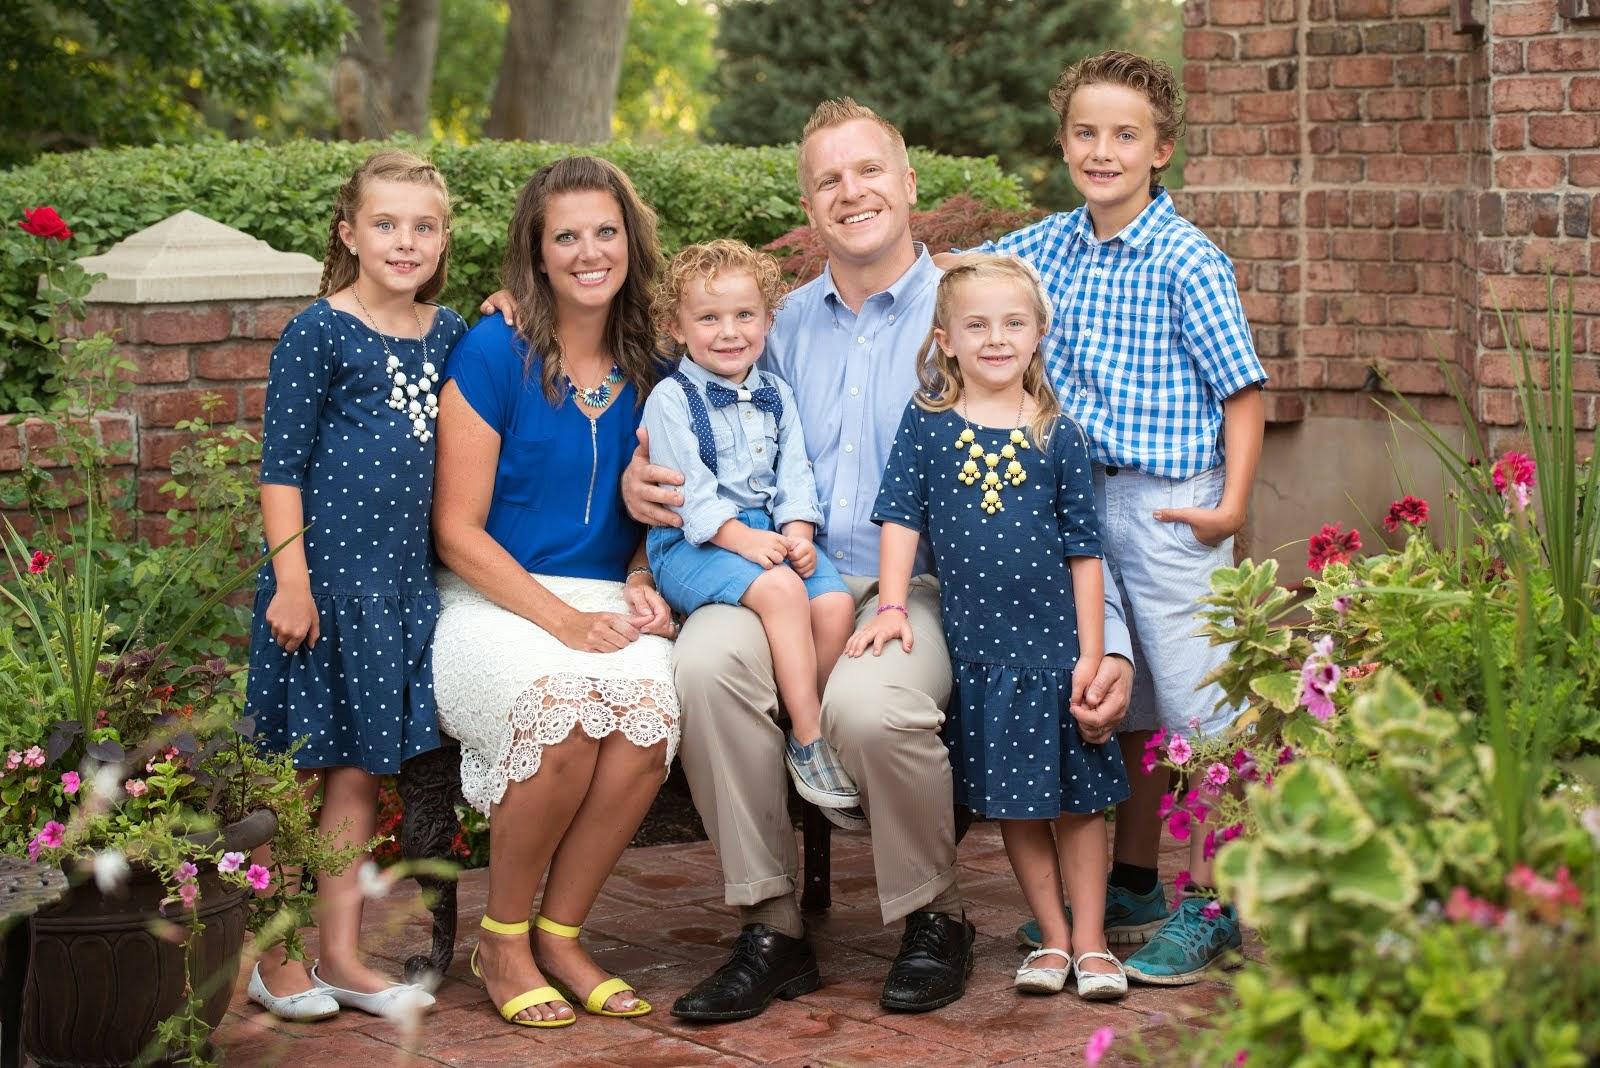 Fackrell Family